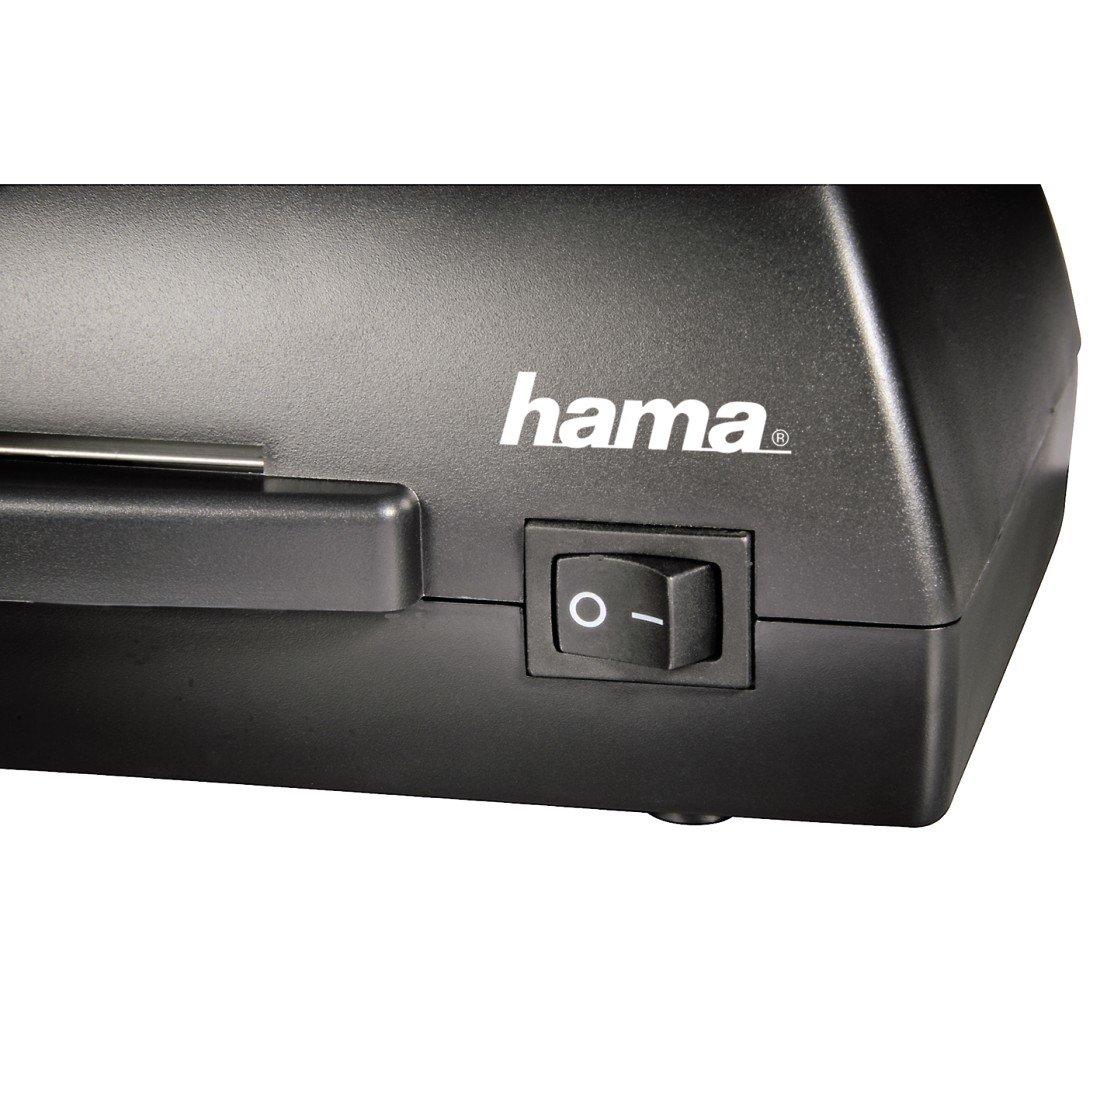 Hama Basic L42A Laminatrice per Fogli A4 Nero